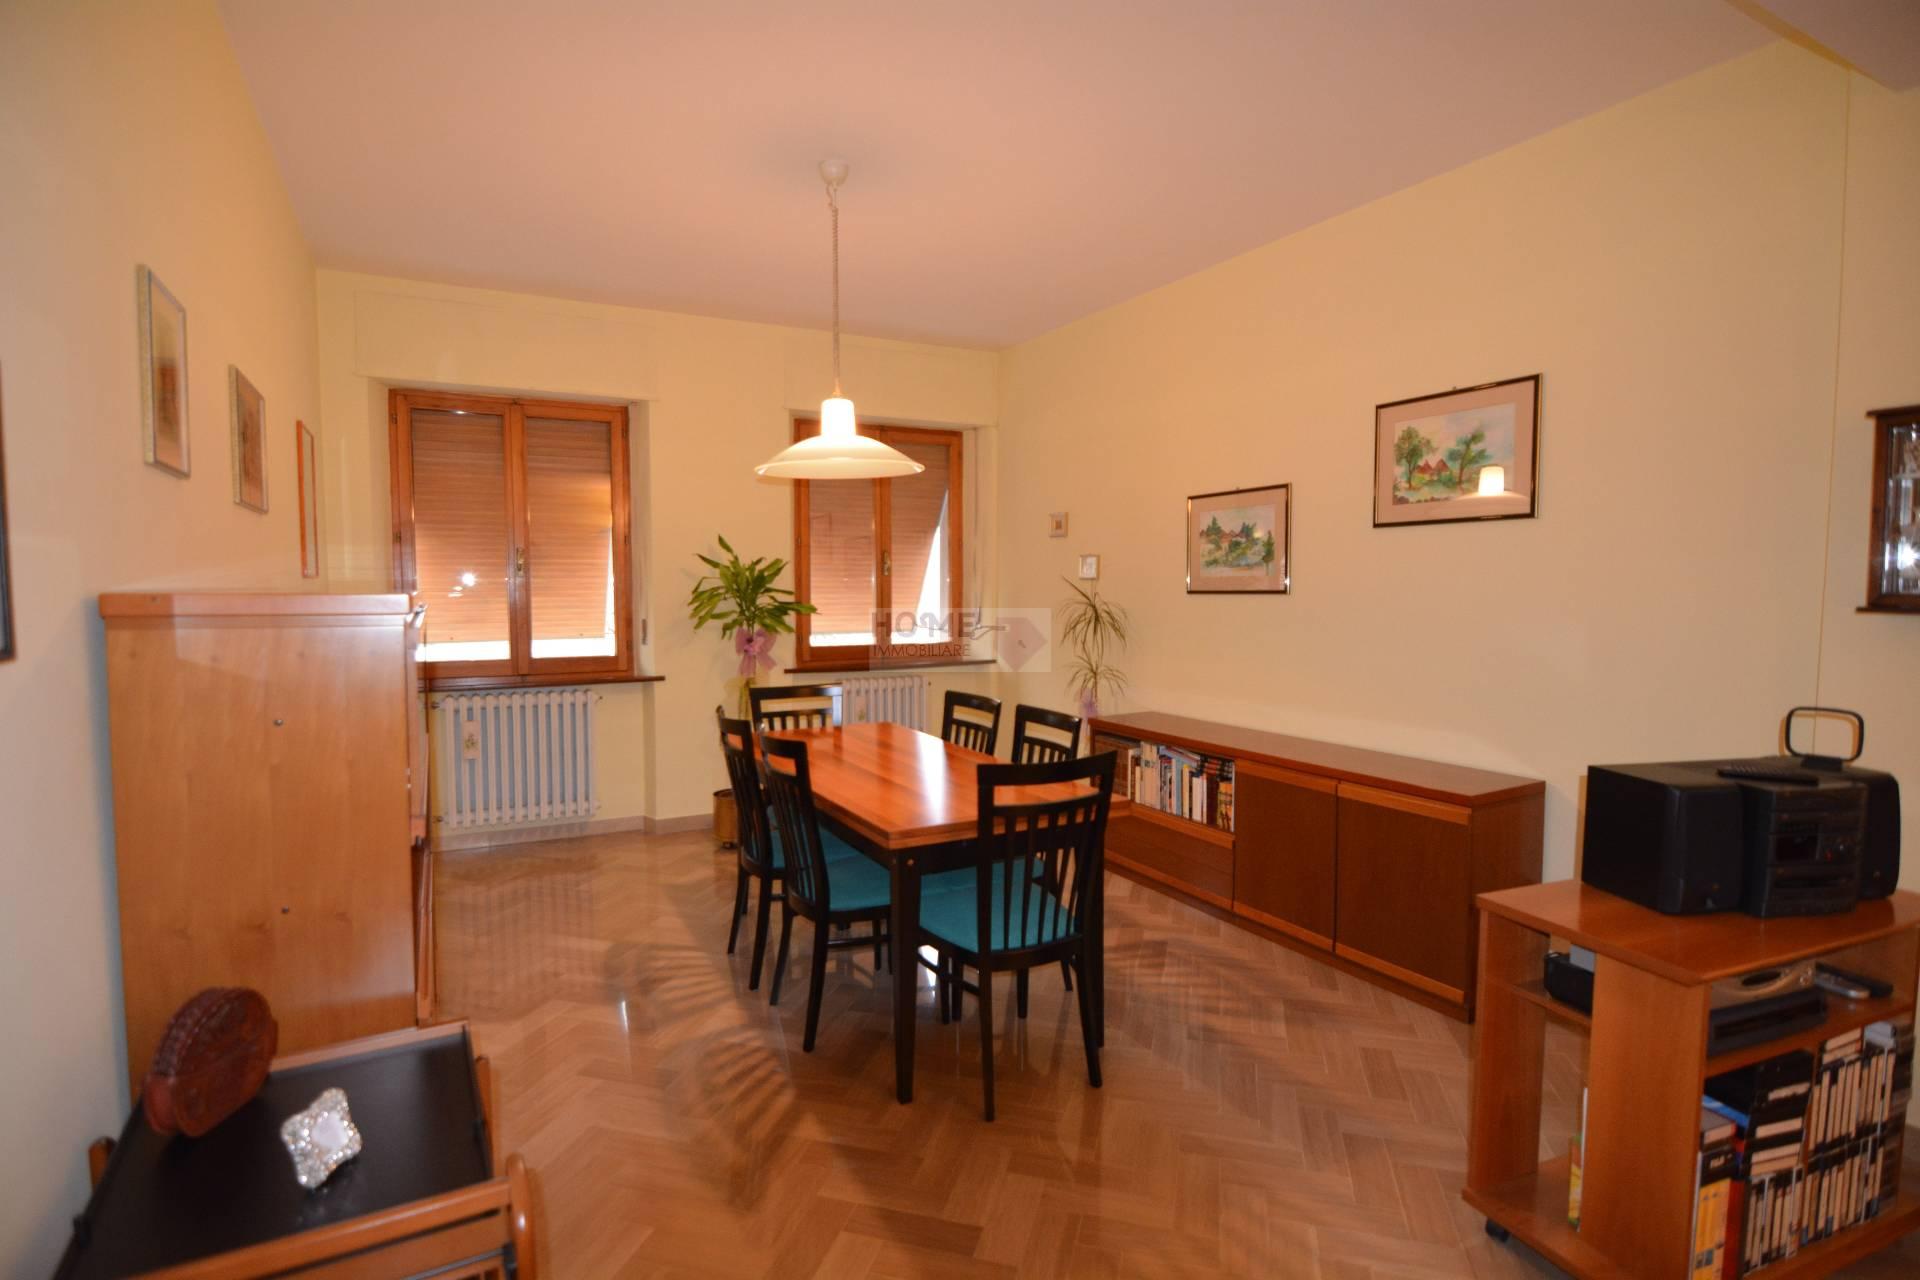 Appartamento in affitto a Macerata, 6 locali, zona Località: ZonaCentrale, Trattative riservate | Cambio Casa.it